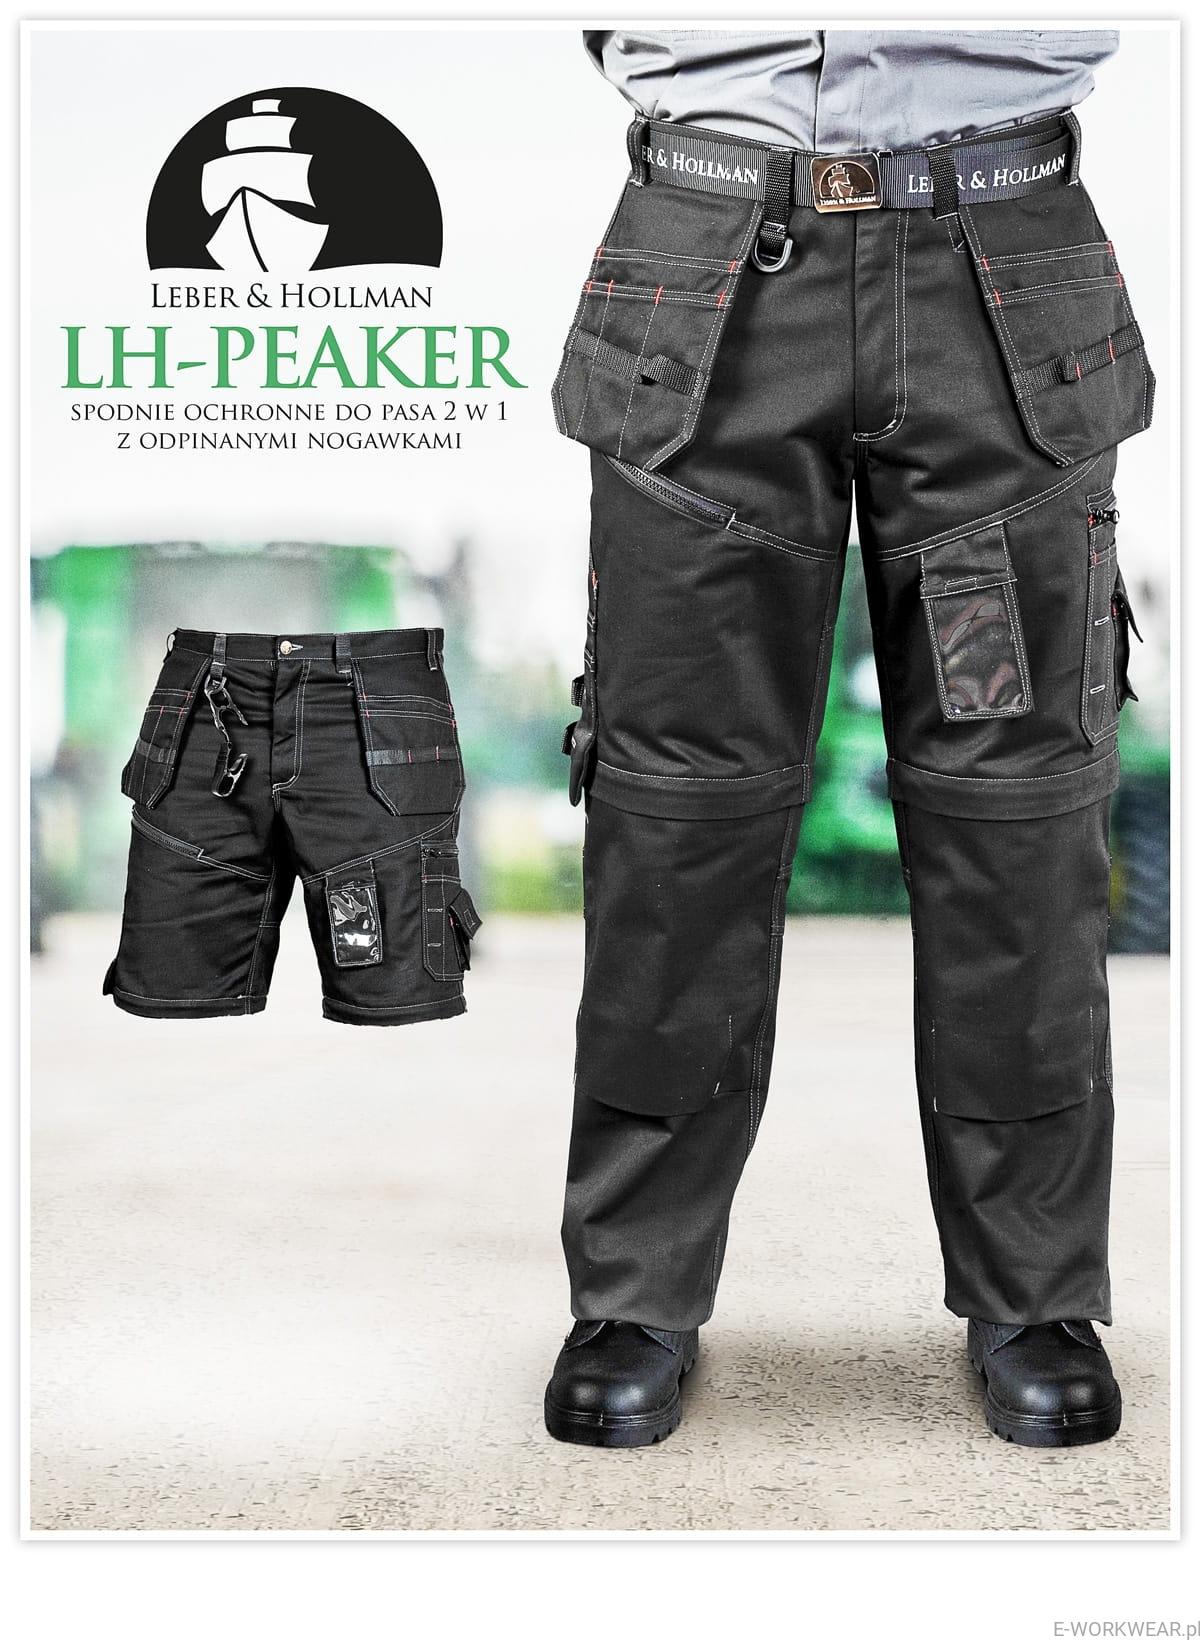 LH PEAKER spodnie z odsuwanymi nogawkami i kieszeniami wiszącymi